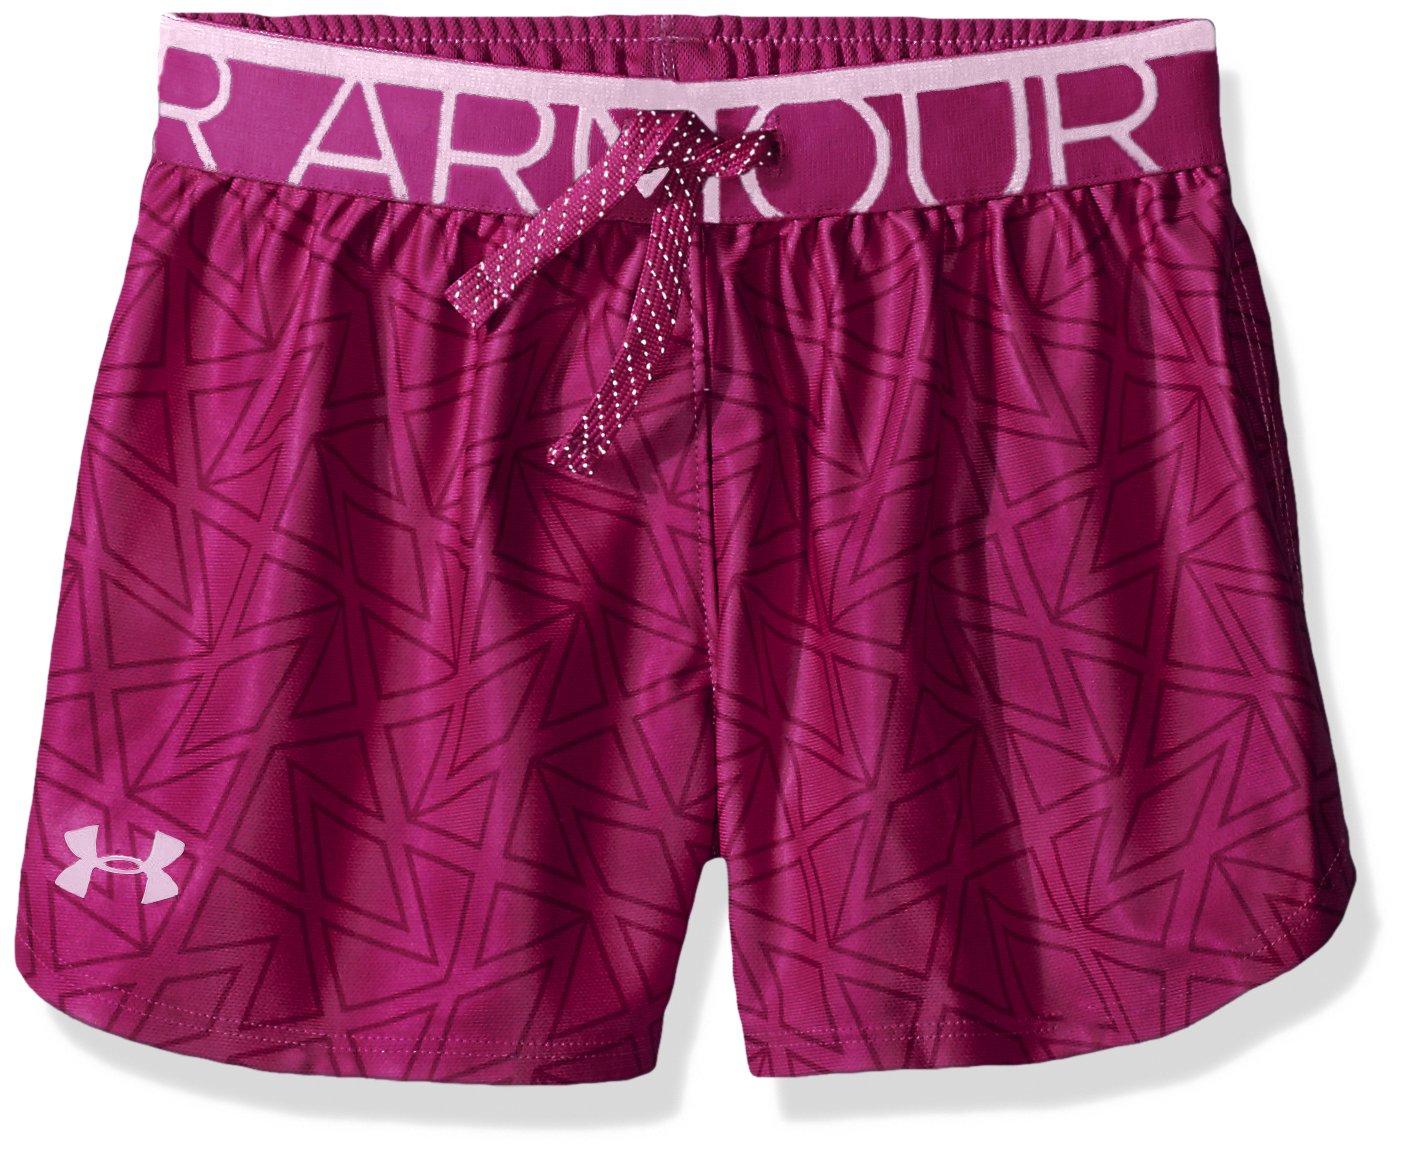 Under Armour Printed Play Up Short, Pantaloncino Bambina 1275288